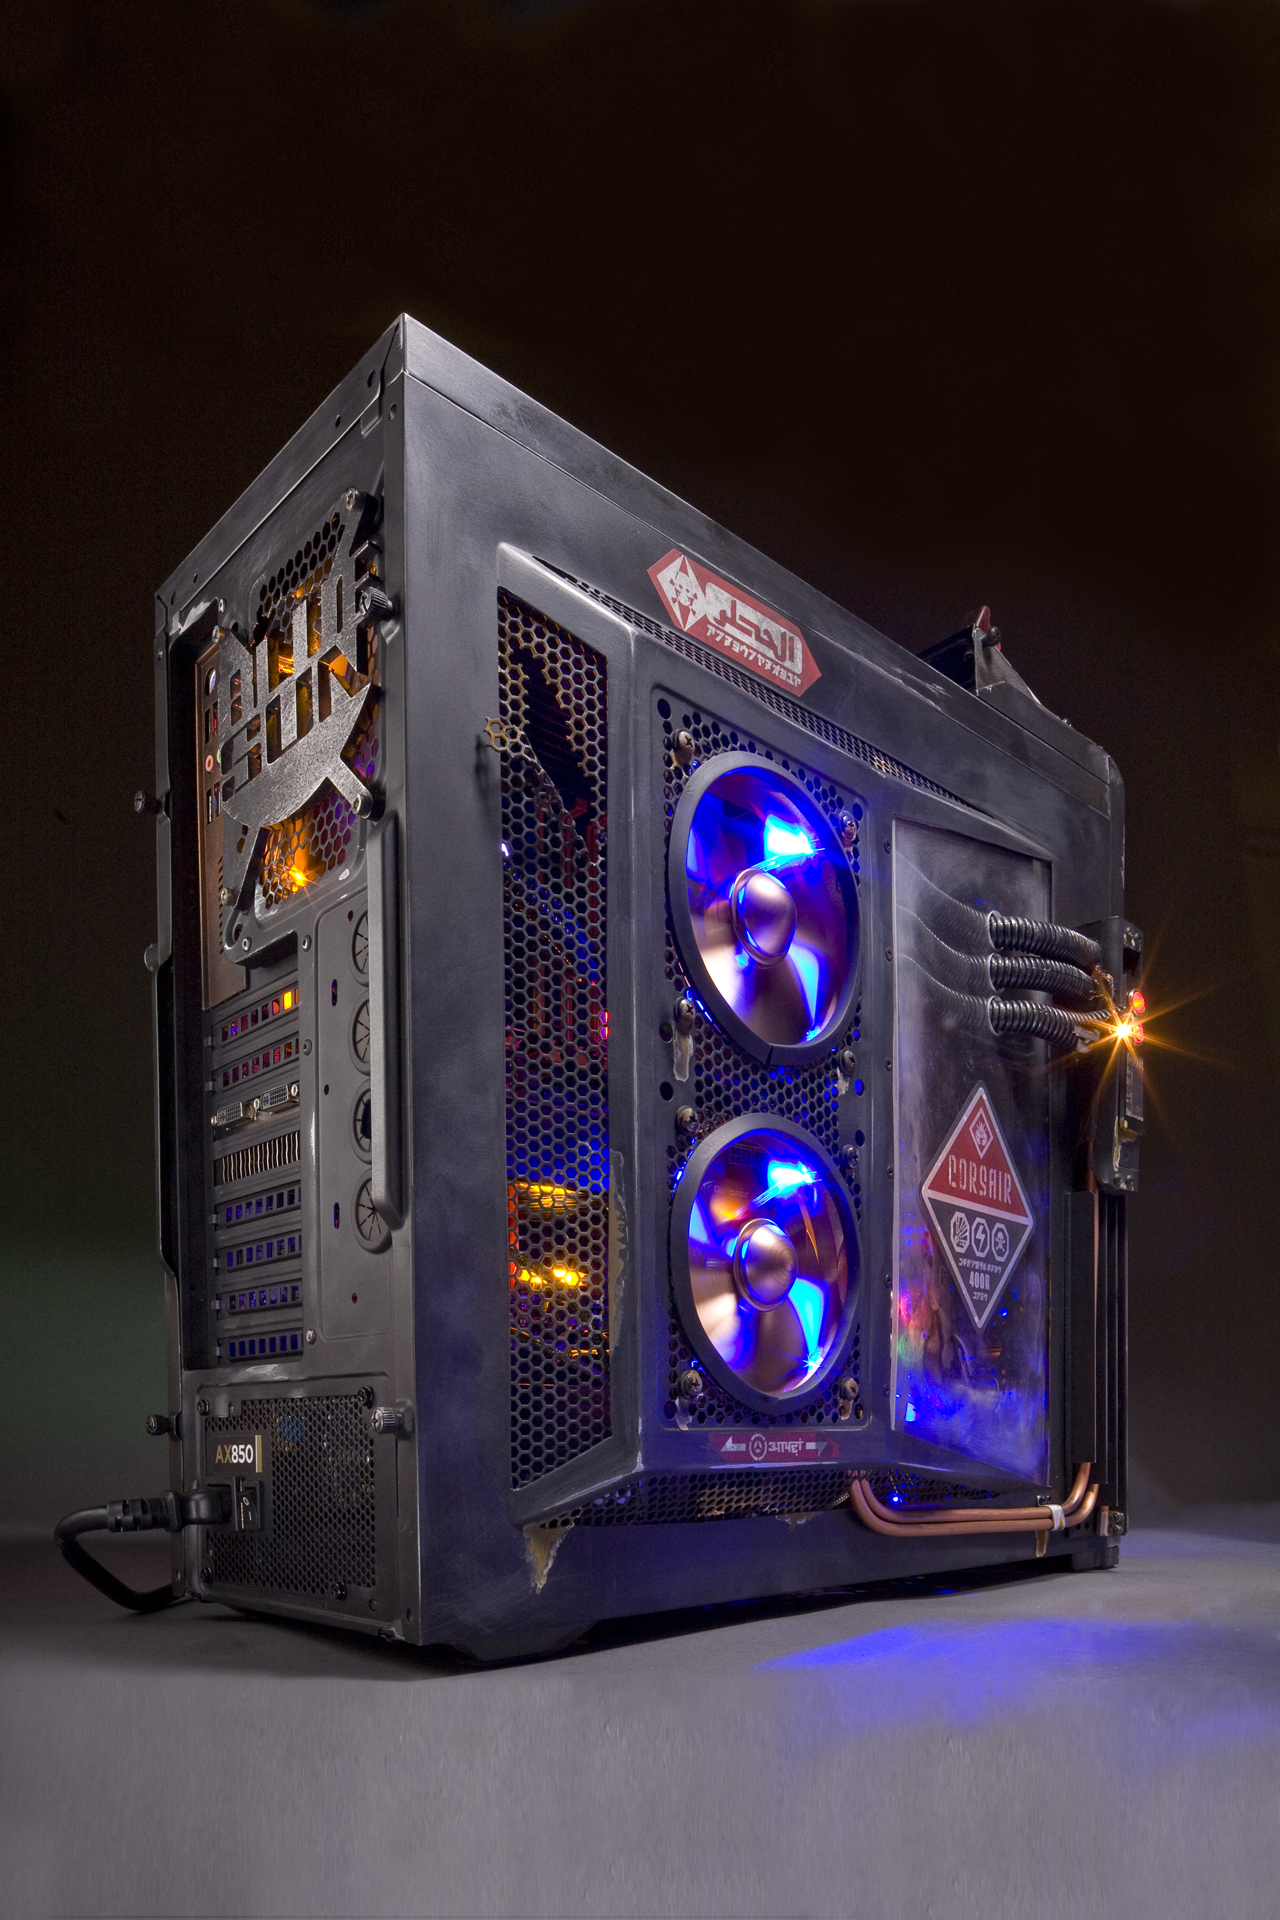 Shiny Case Mod Megagames